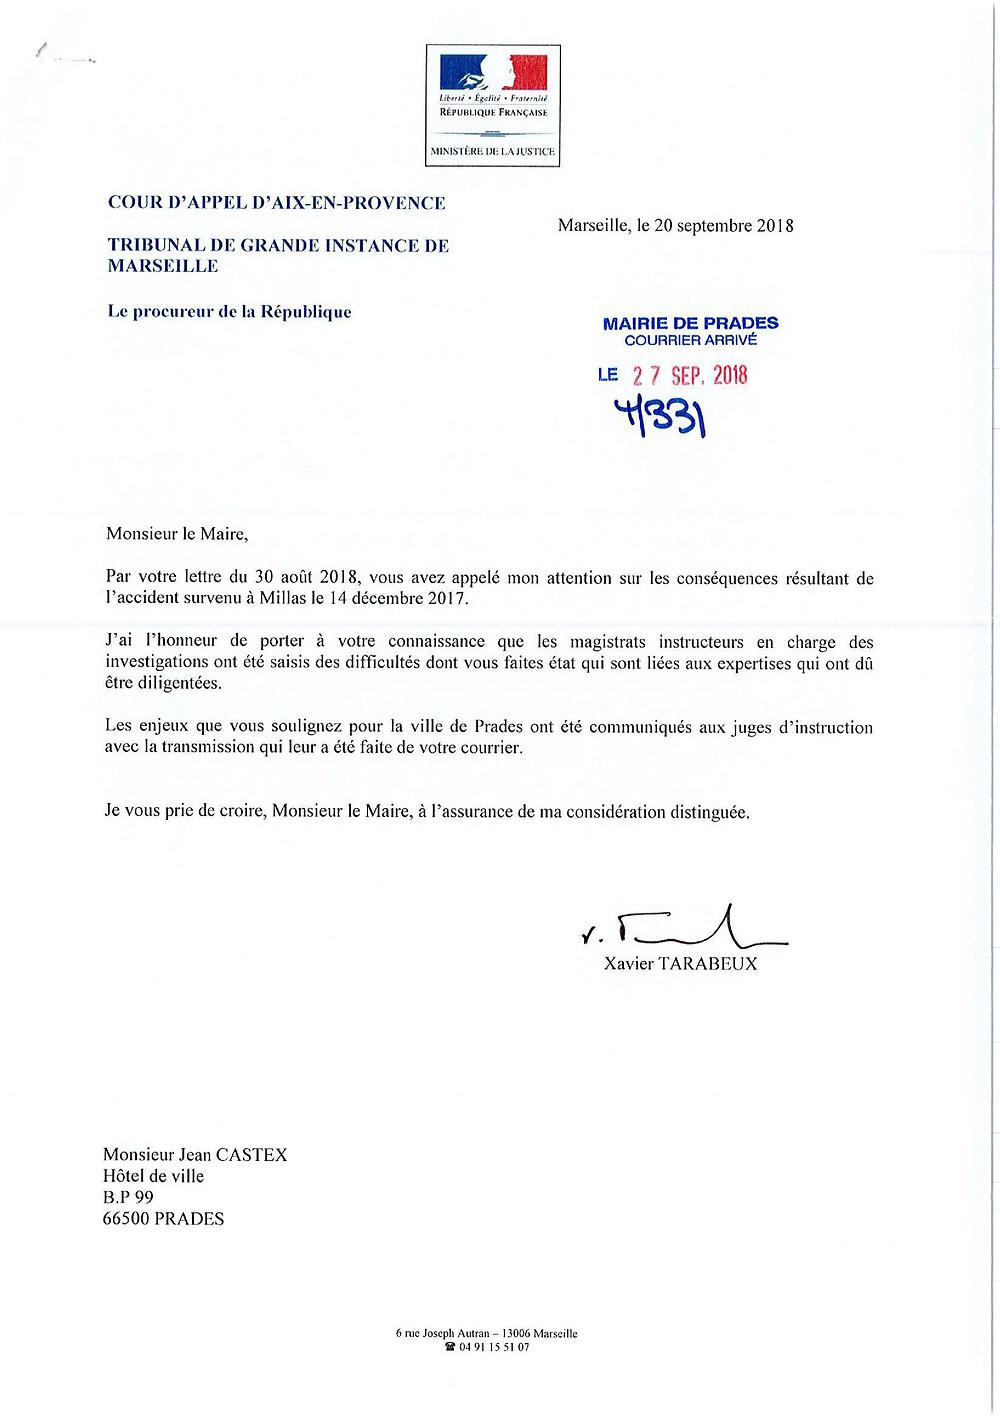 Réponse de M. le Préfet à J.CASTEX à propos du Train Jaune